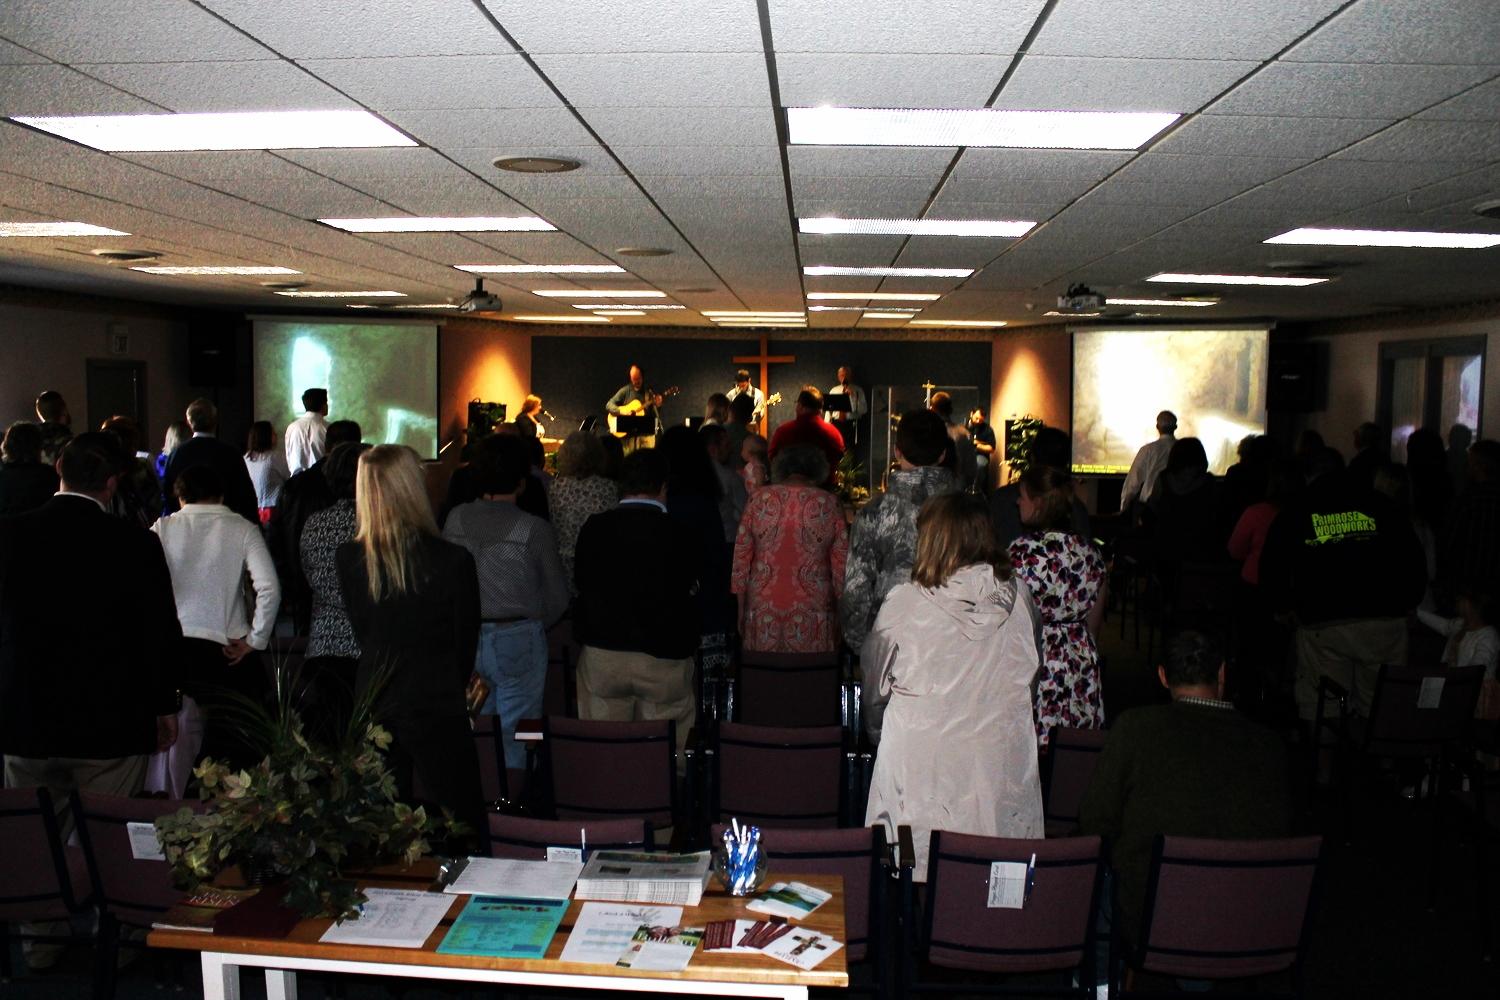 Sunday Worship